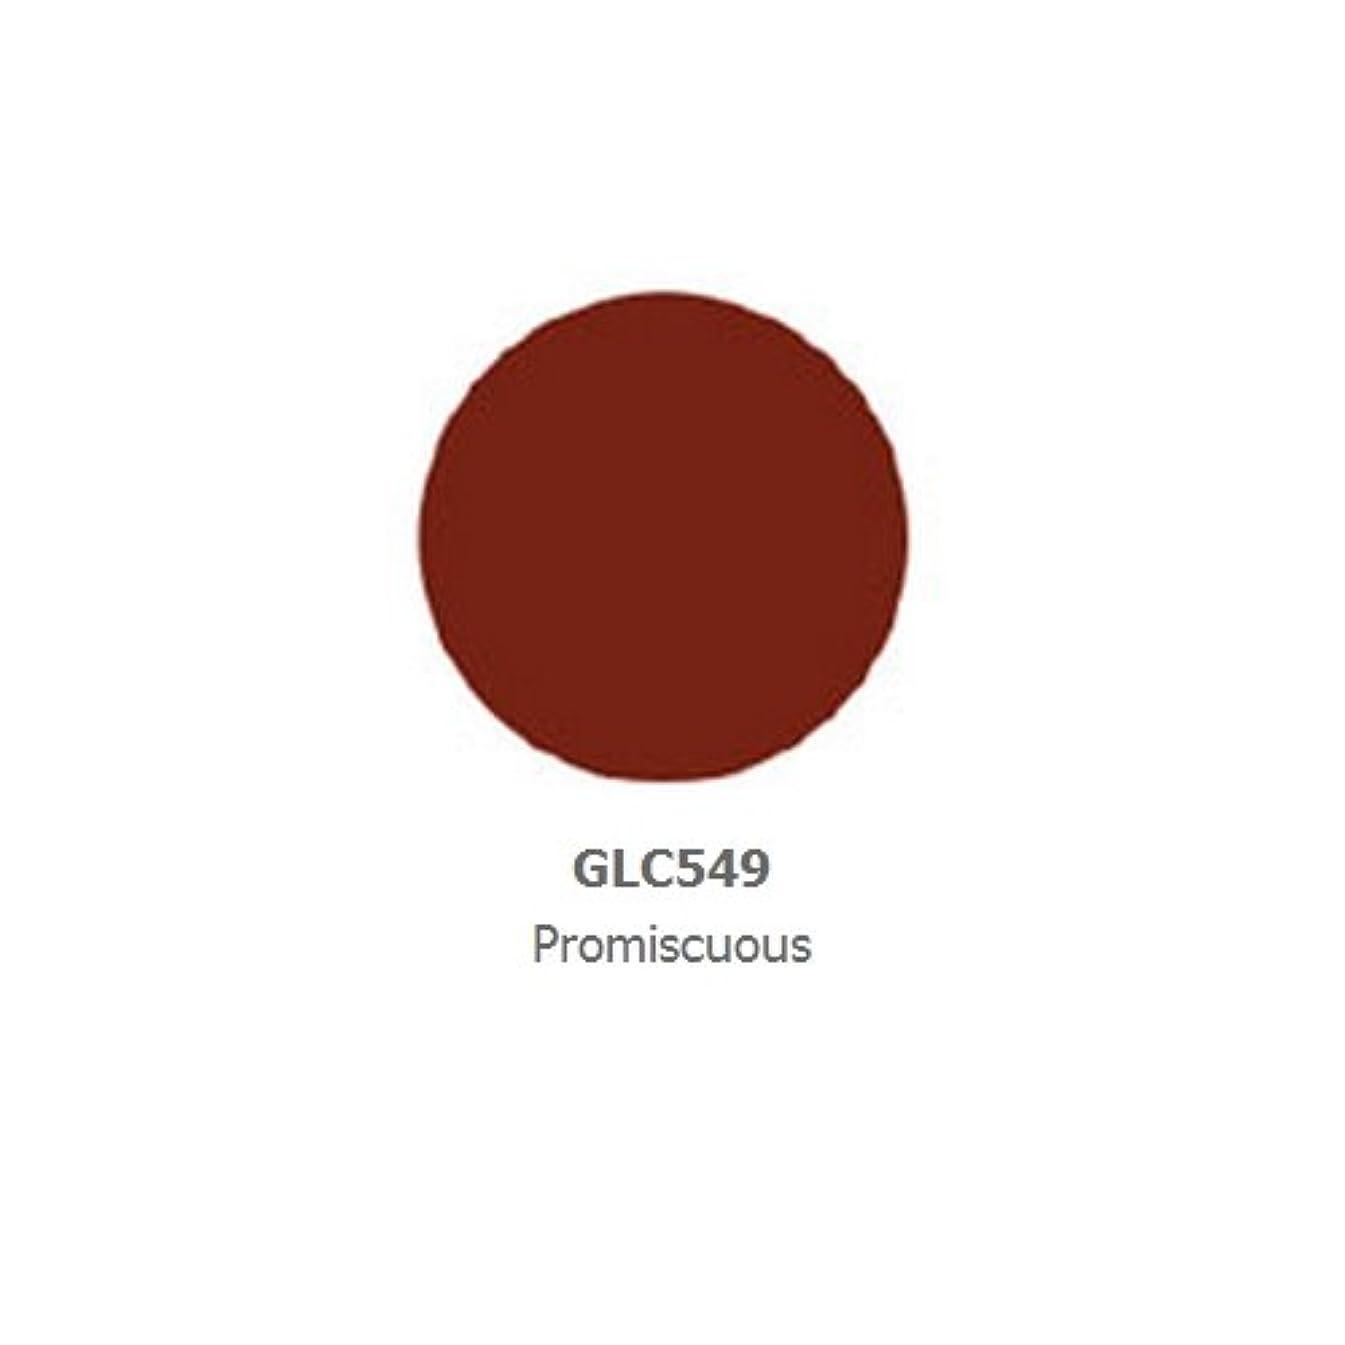 納税者非アクティブ詳細な(6 Pack) LA GIRL Luxury Creme Lip Color - Promiscuous (並行輸入品)